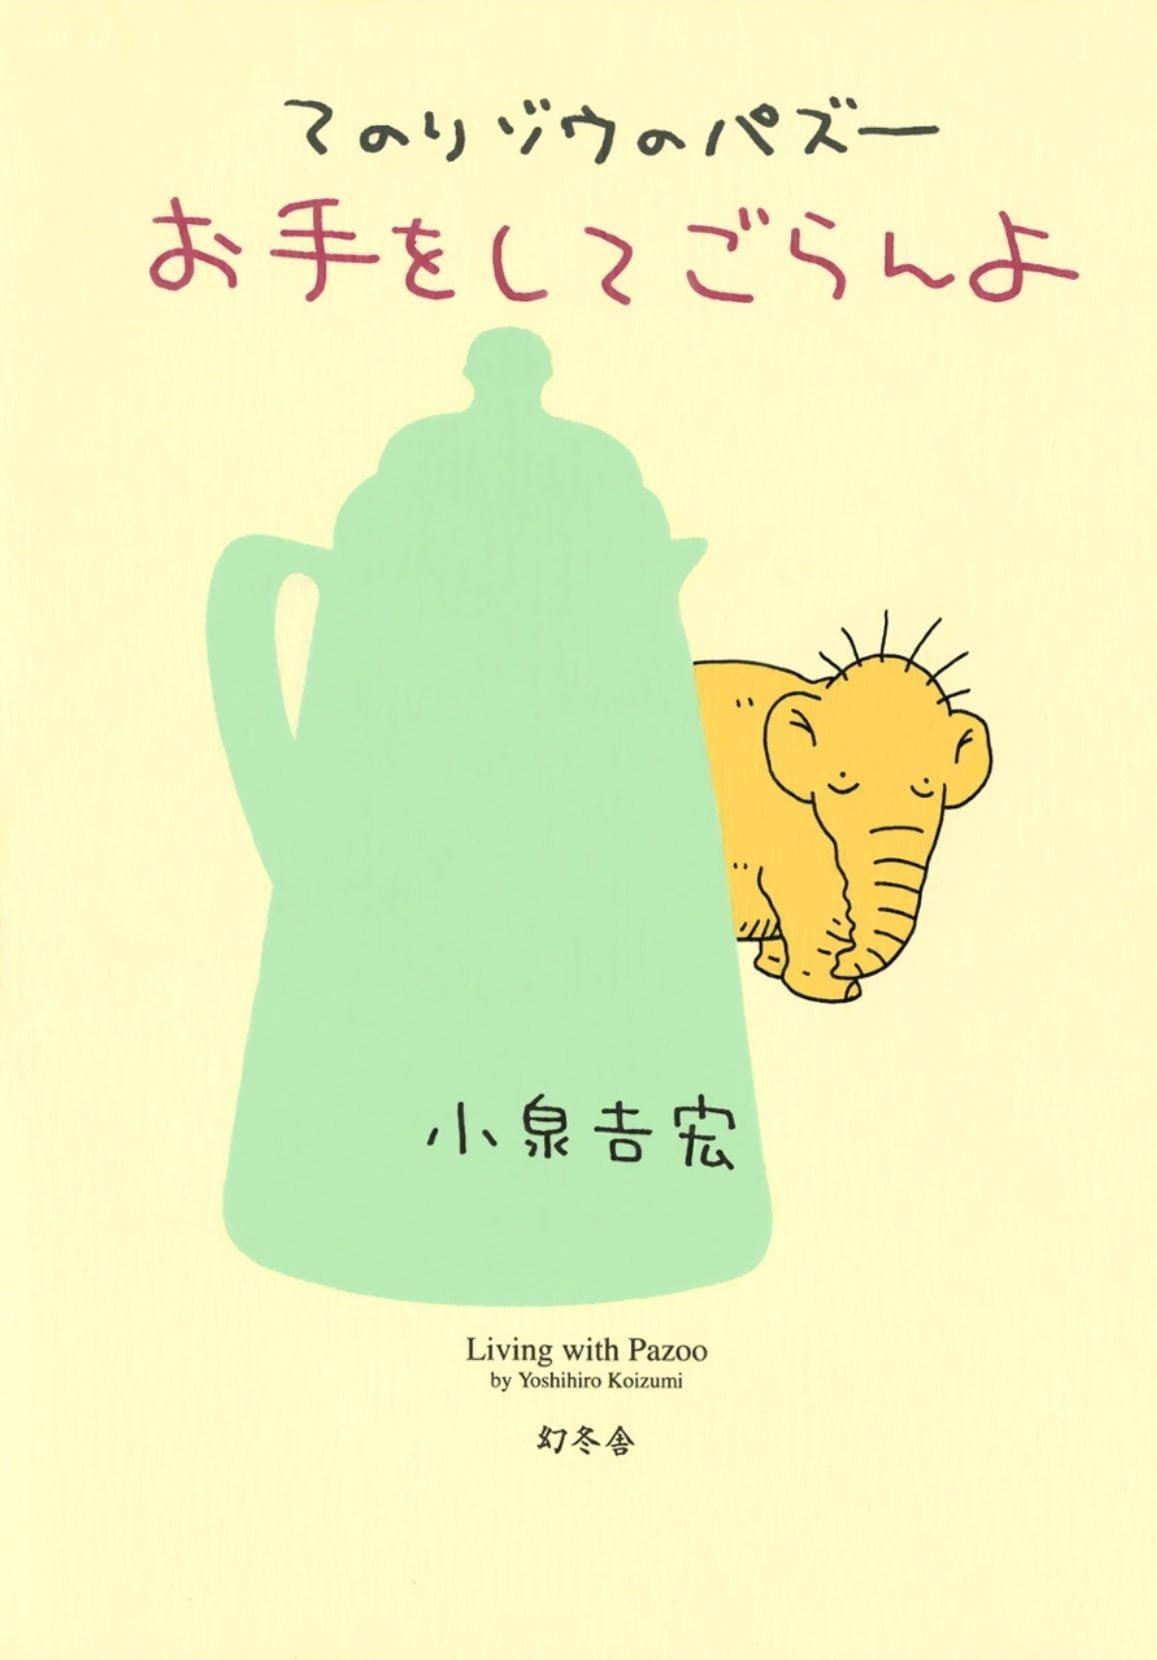 絵本「てのりゾウのパズー お手をしてごらんよ」の表紙